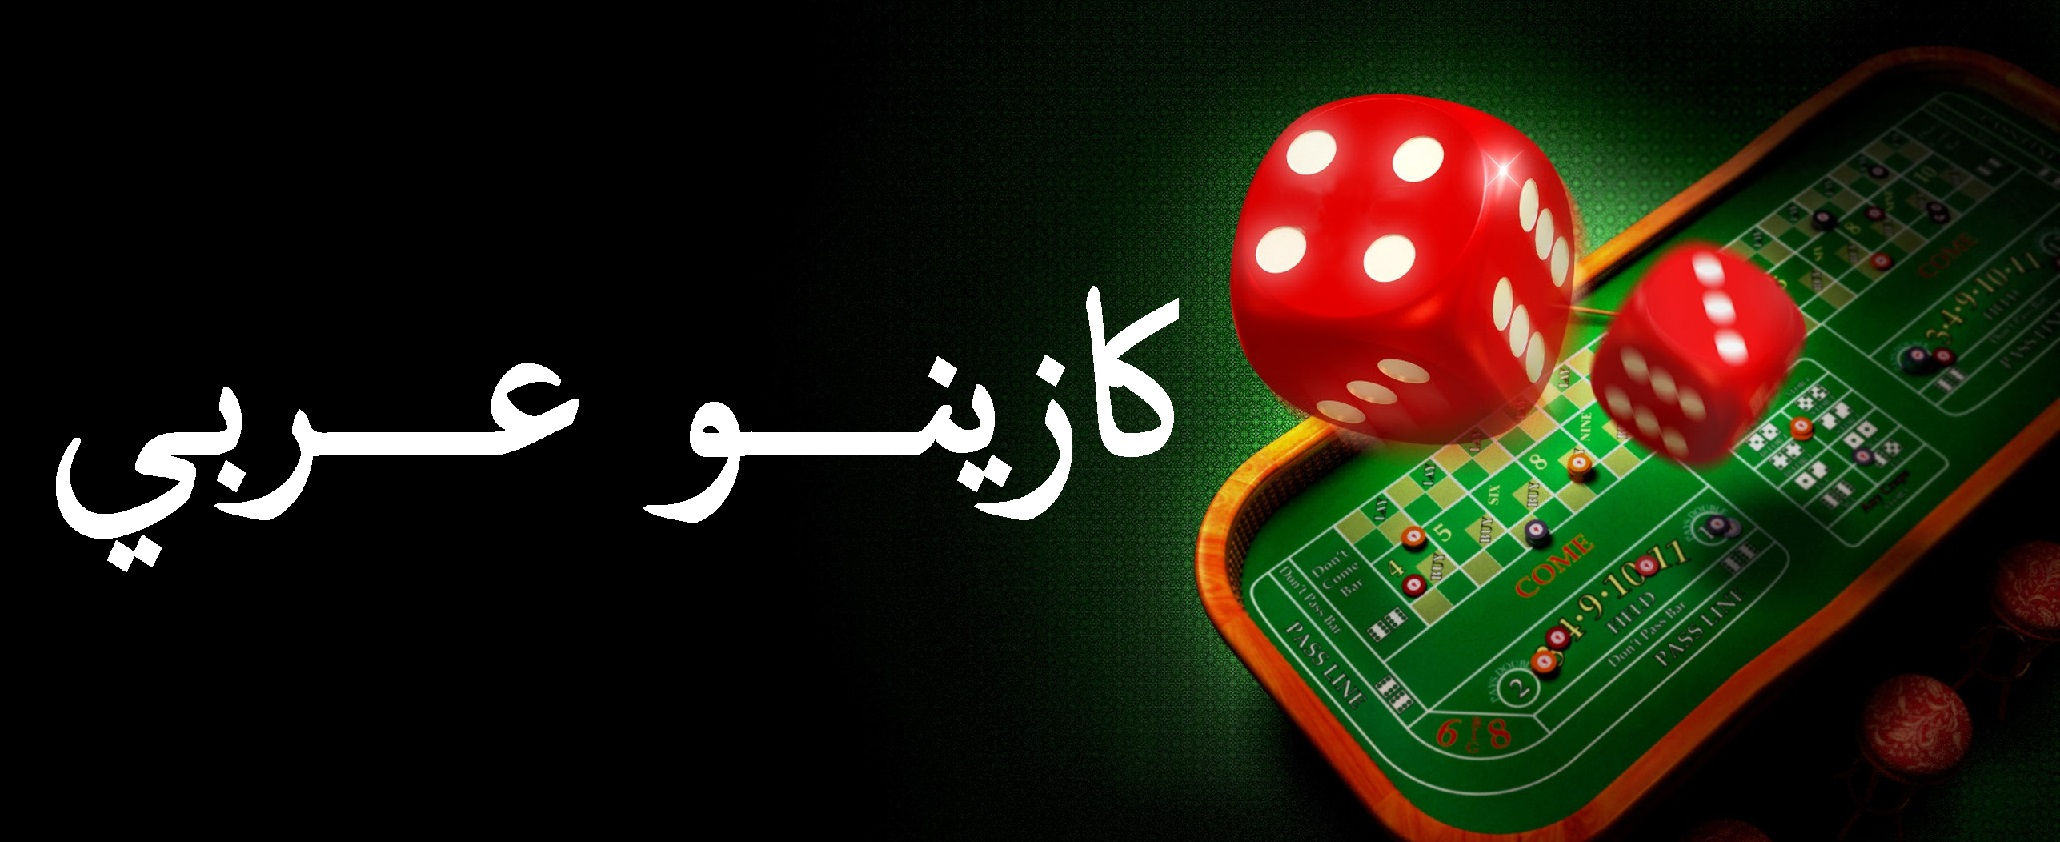 كازينو العربية دليل 881072